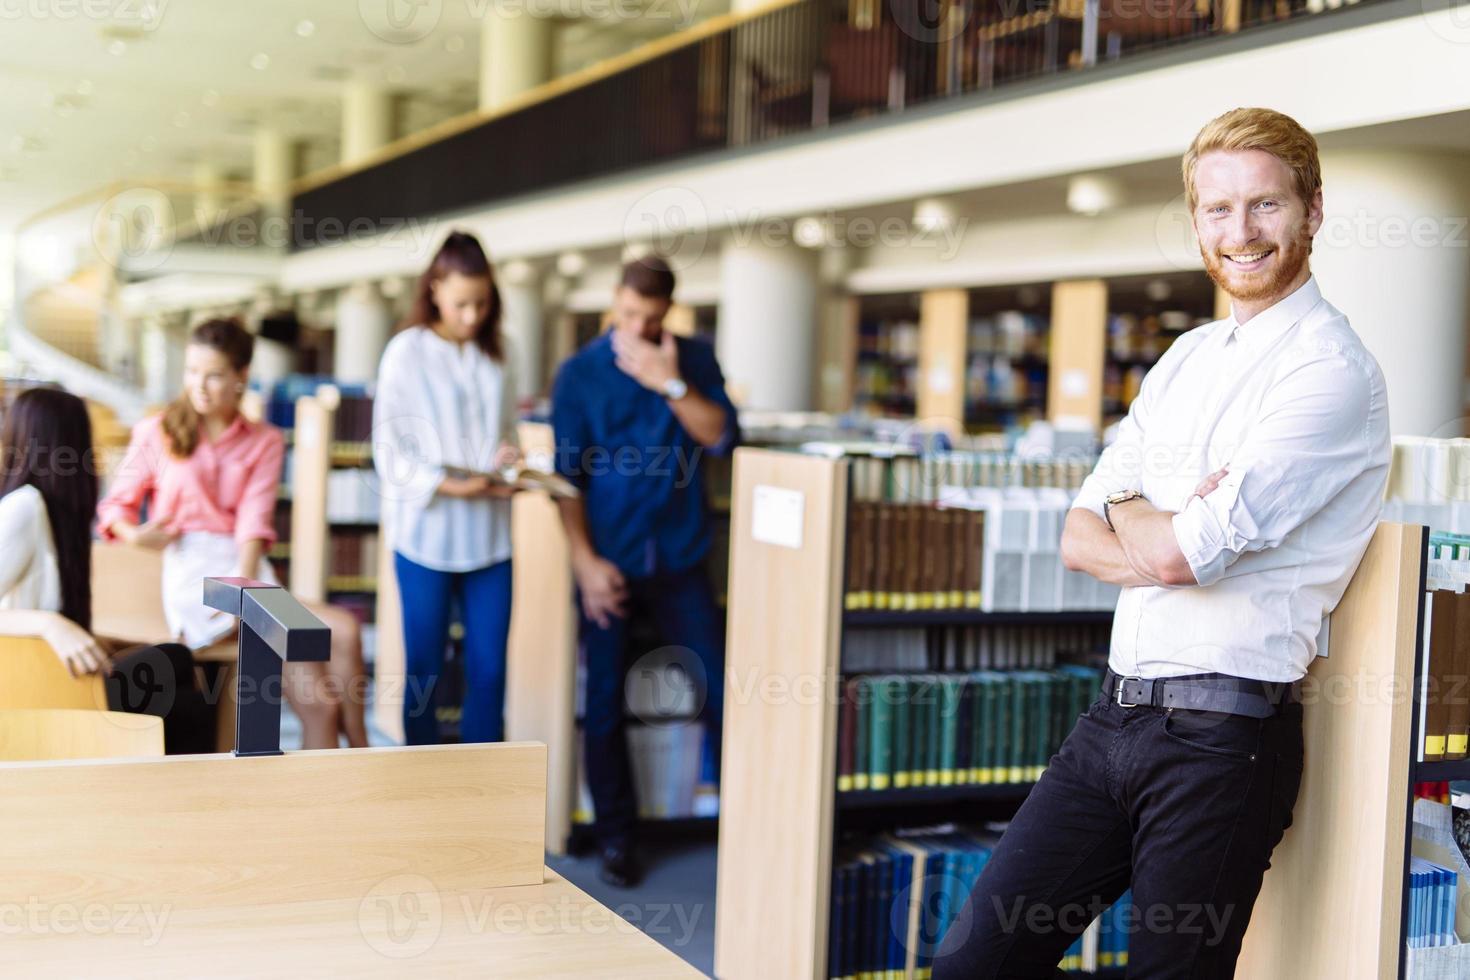 Gruppe junger Menschen, die sich in einer Bibliothek weiterbilden foto